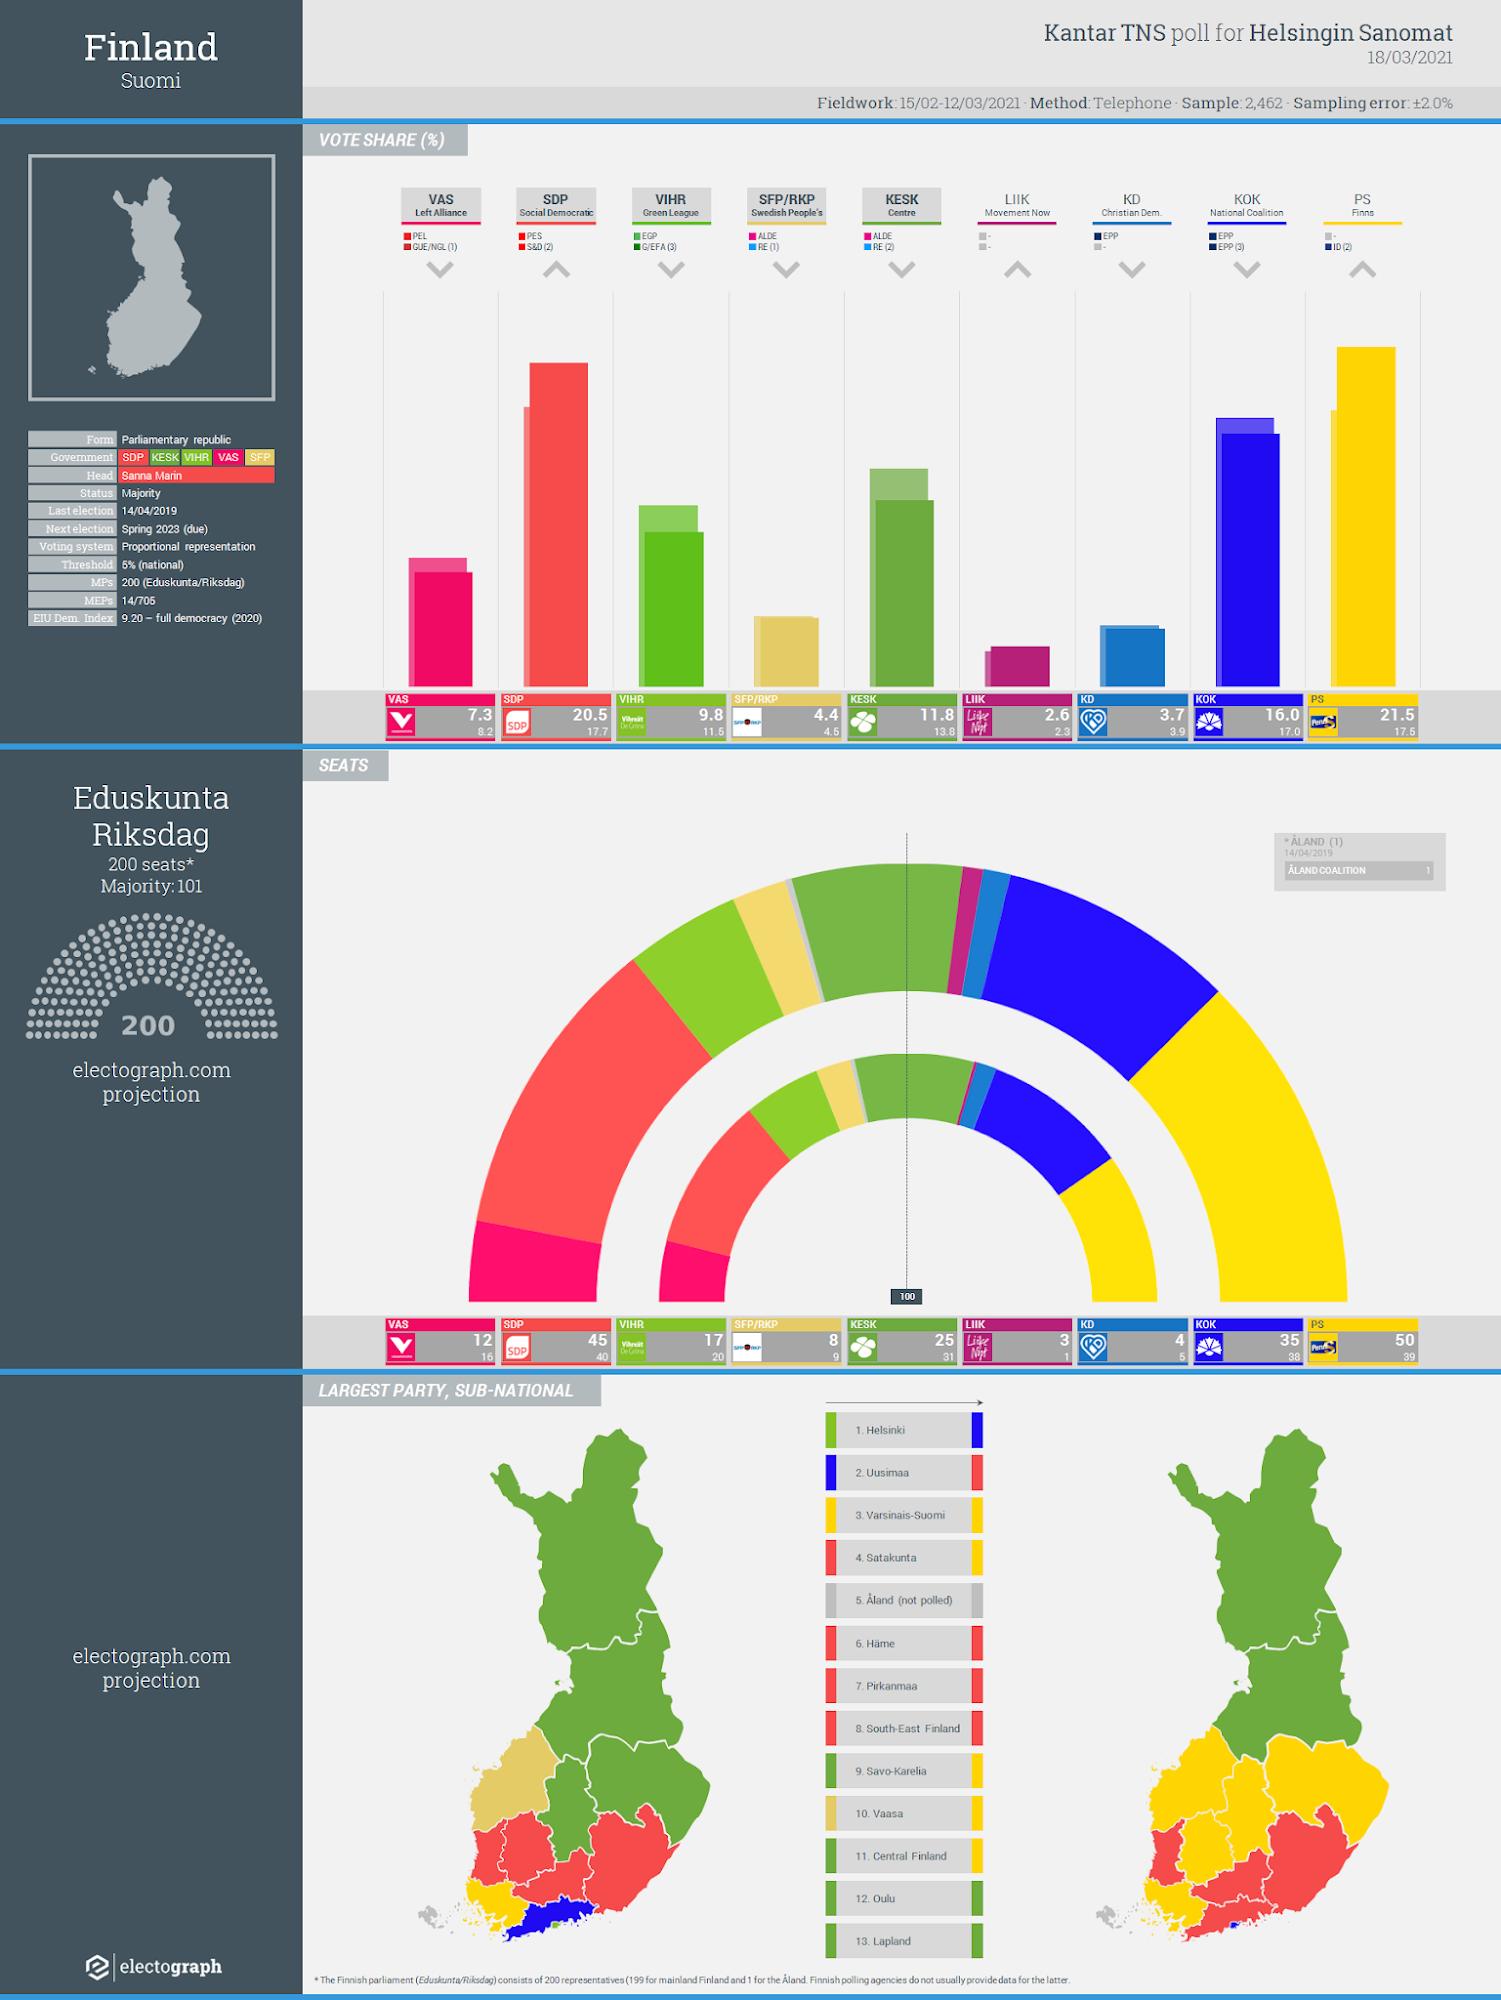 FINLAND: Kantar TNS poll chart for Helsingin Sanomat, 18 March 2021